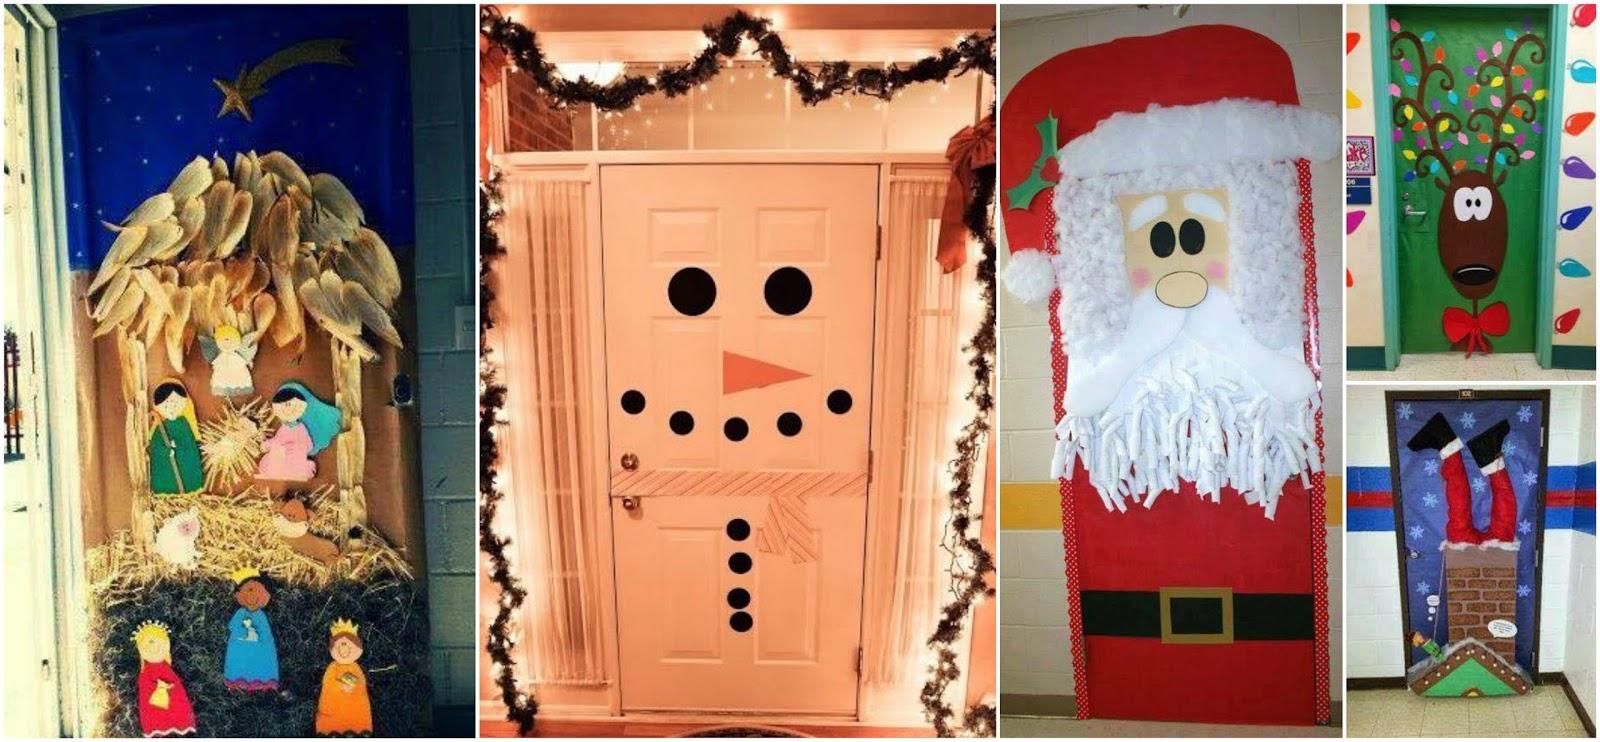 Ideas Para Decorar Puertas En Navidad.Decorar Puertas Navidad Top Puertas Navideas Para Nuestras